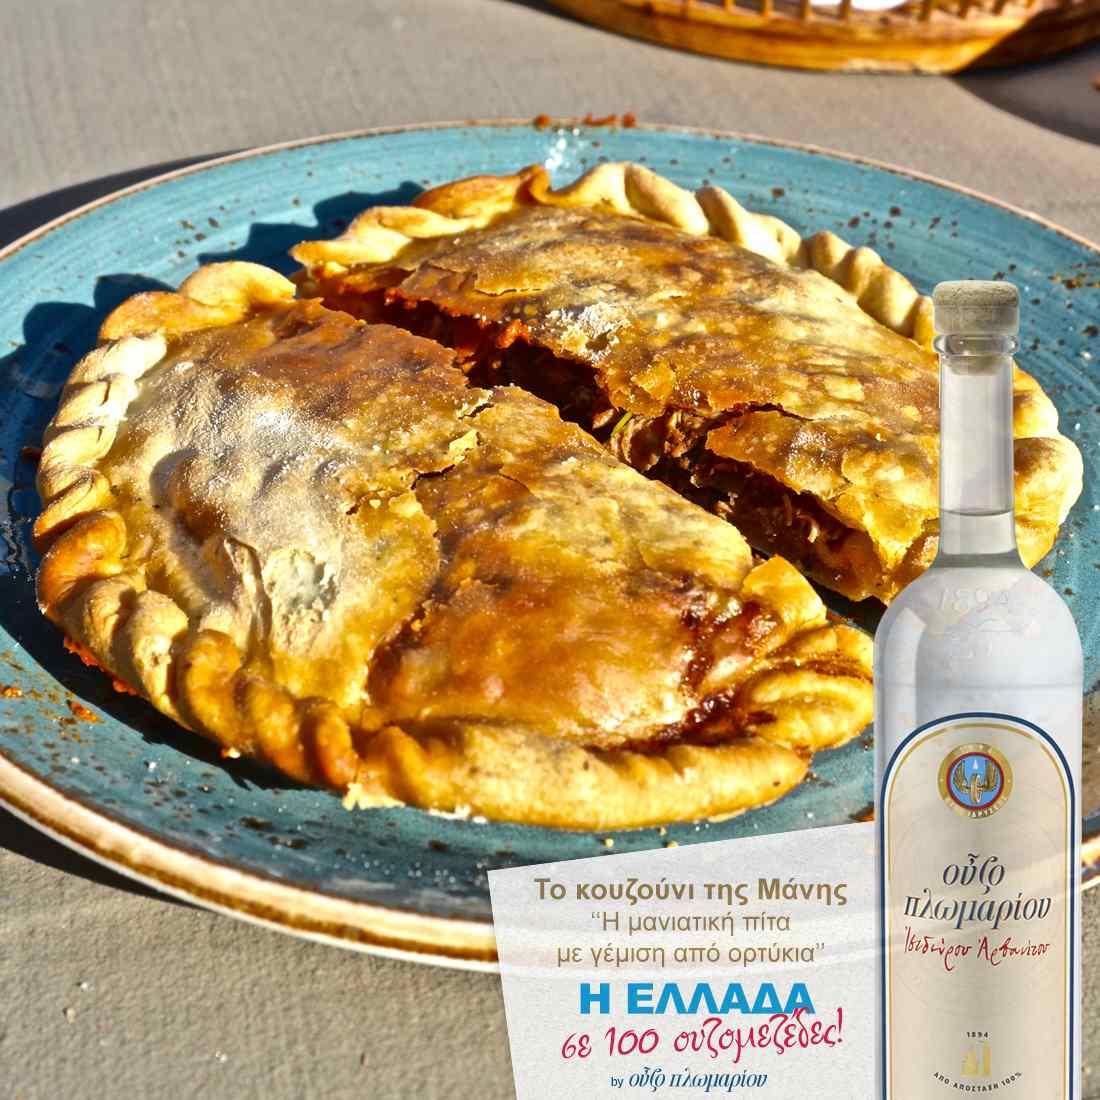 Κοζούνι Μάνης - Ουζομεζέδες - Greek Gastronomy Guide